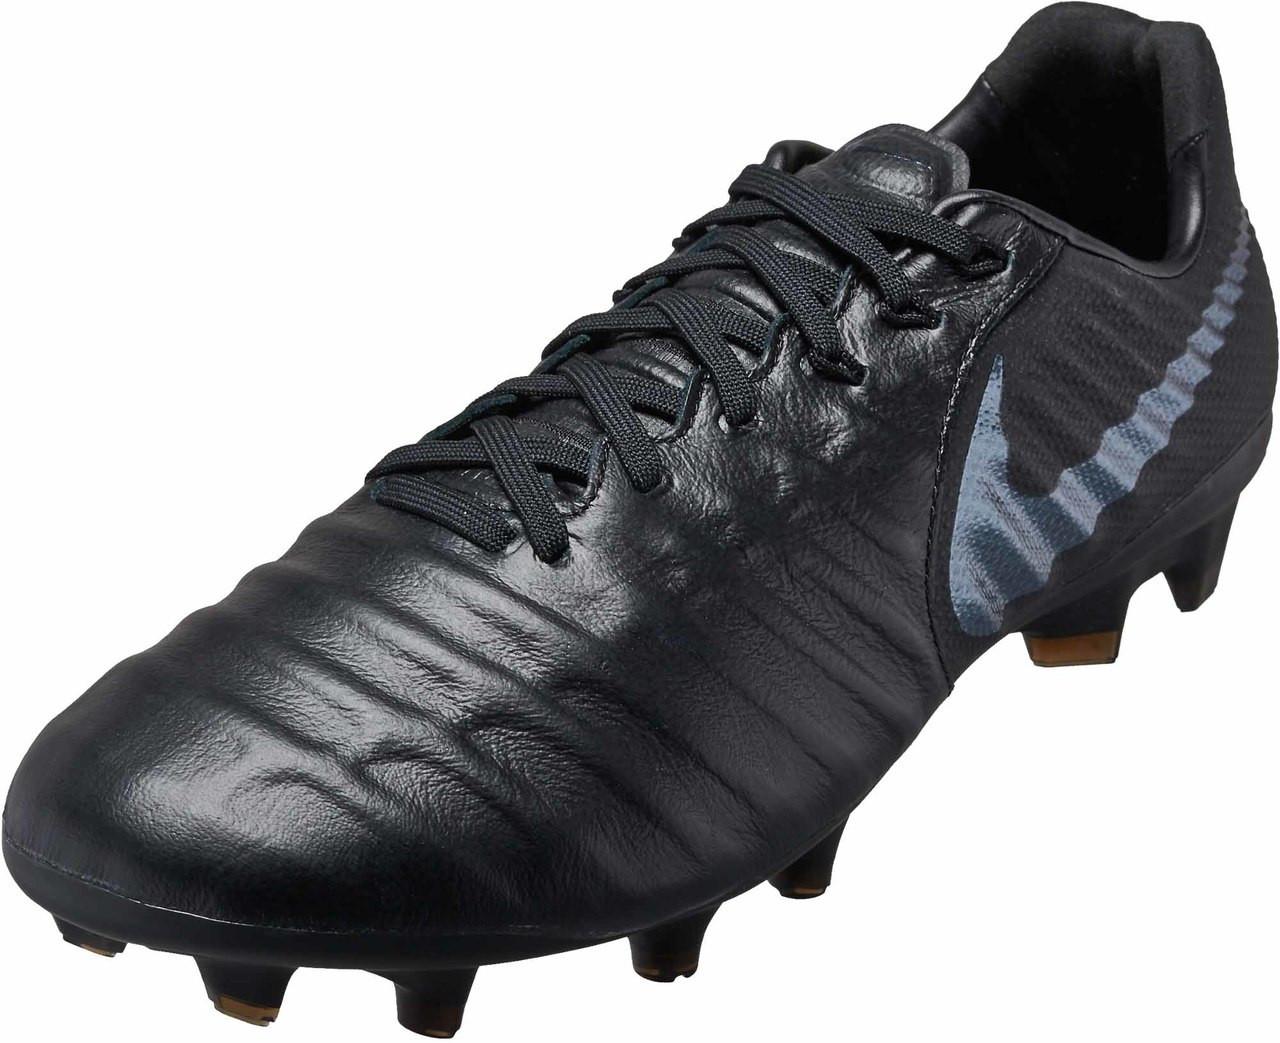 Nike Tiempo Legend 7 Pro FG -Black Black (122118) - ohp soccer 0207a761df